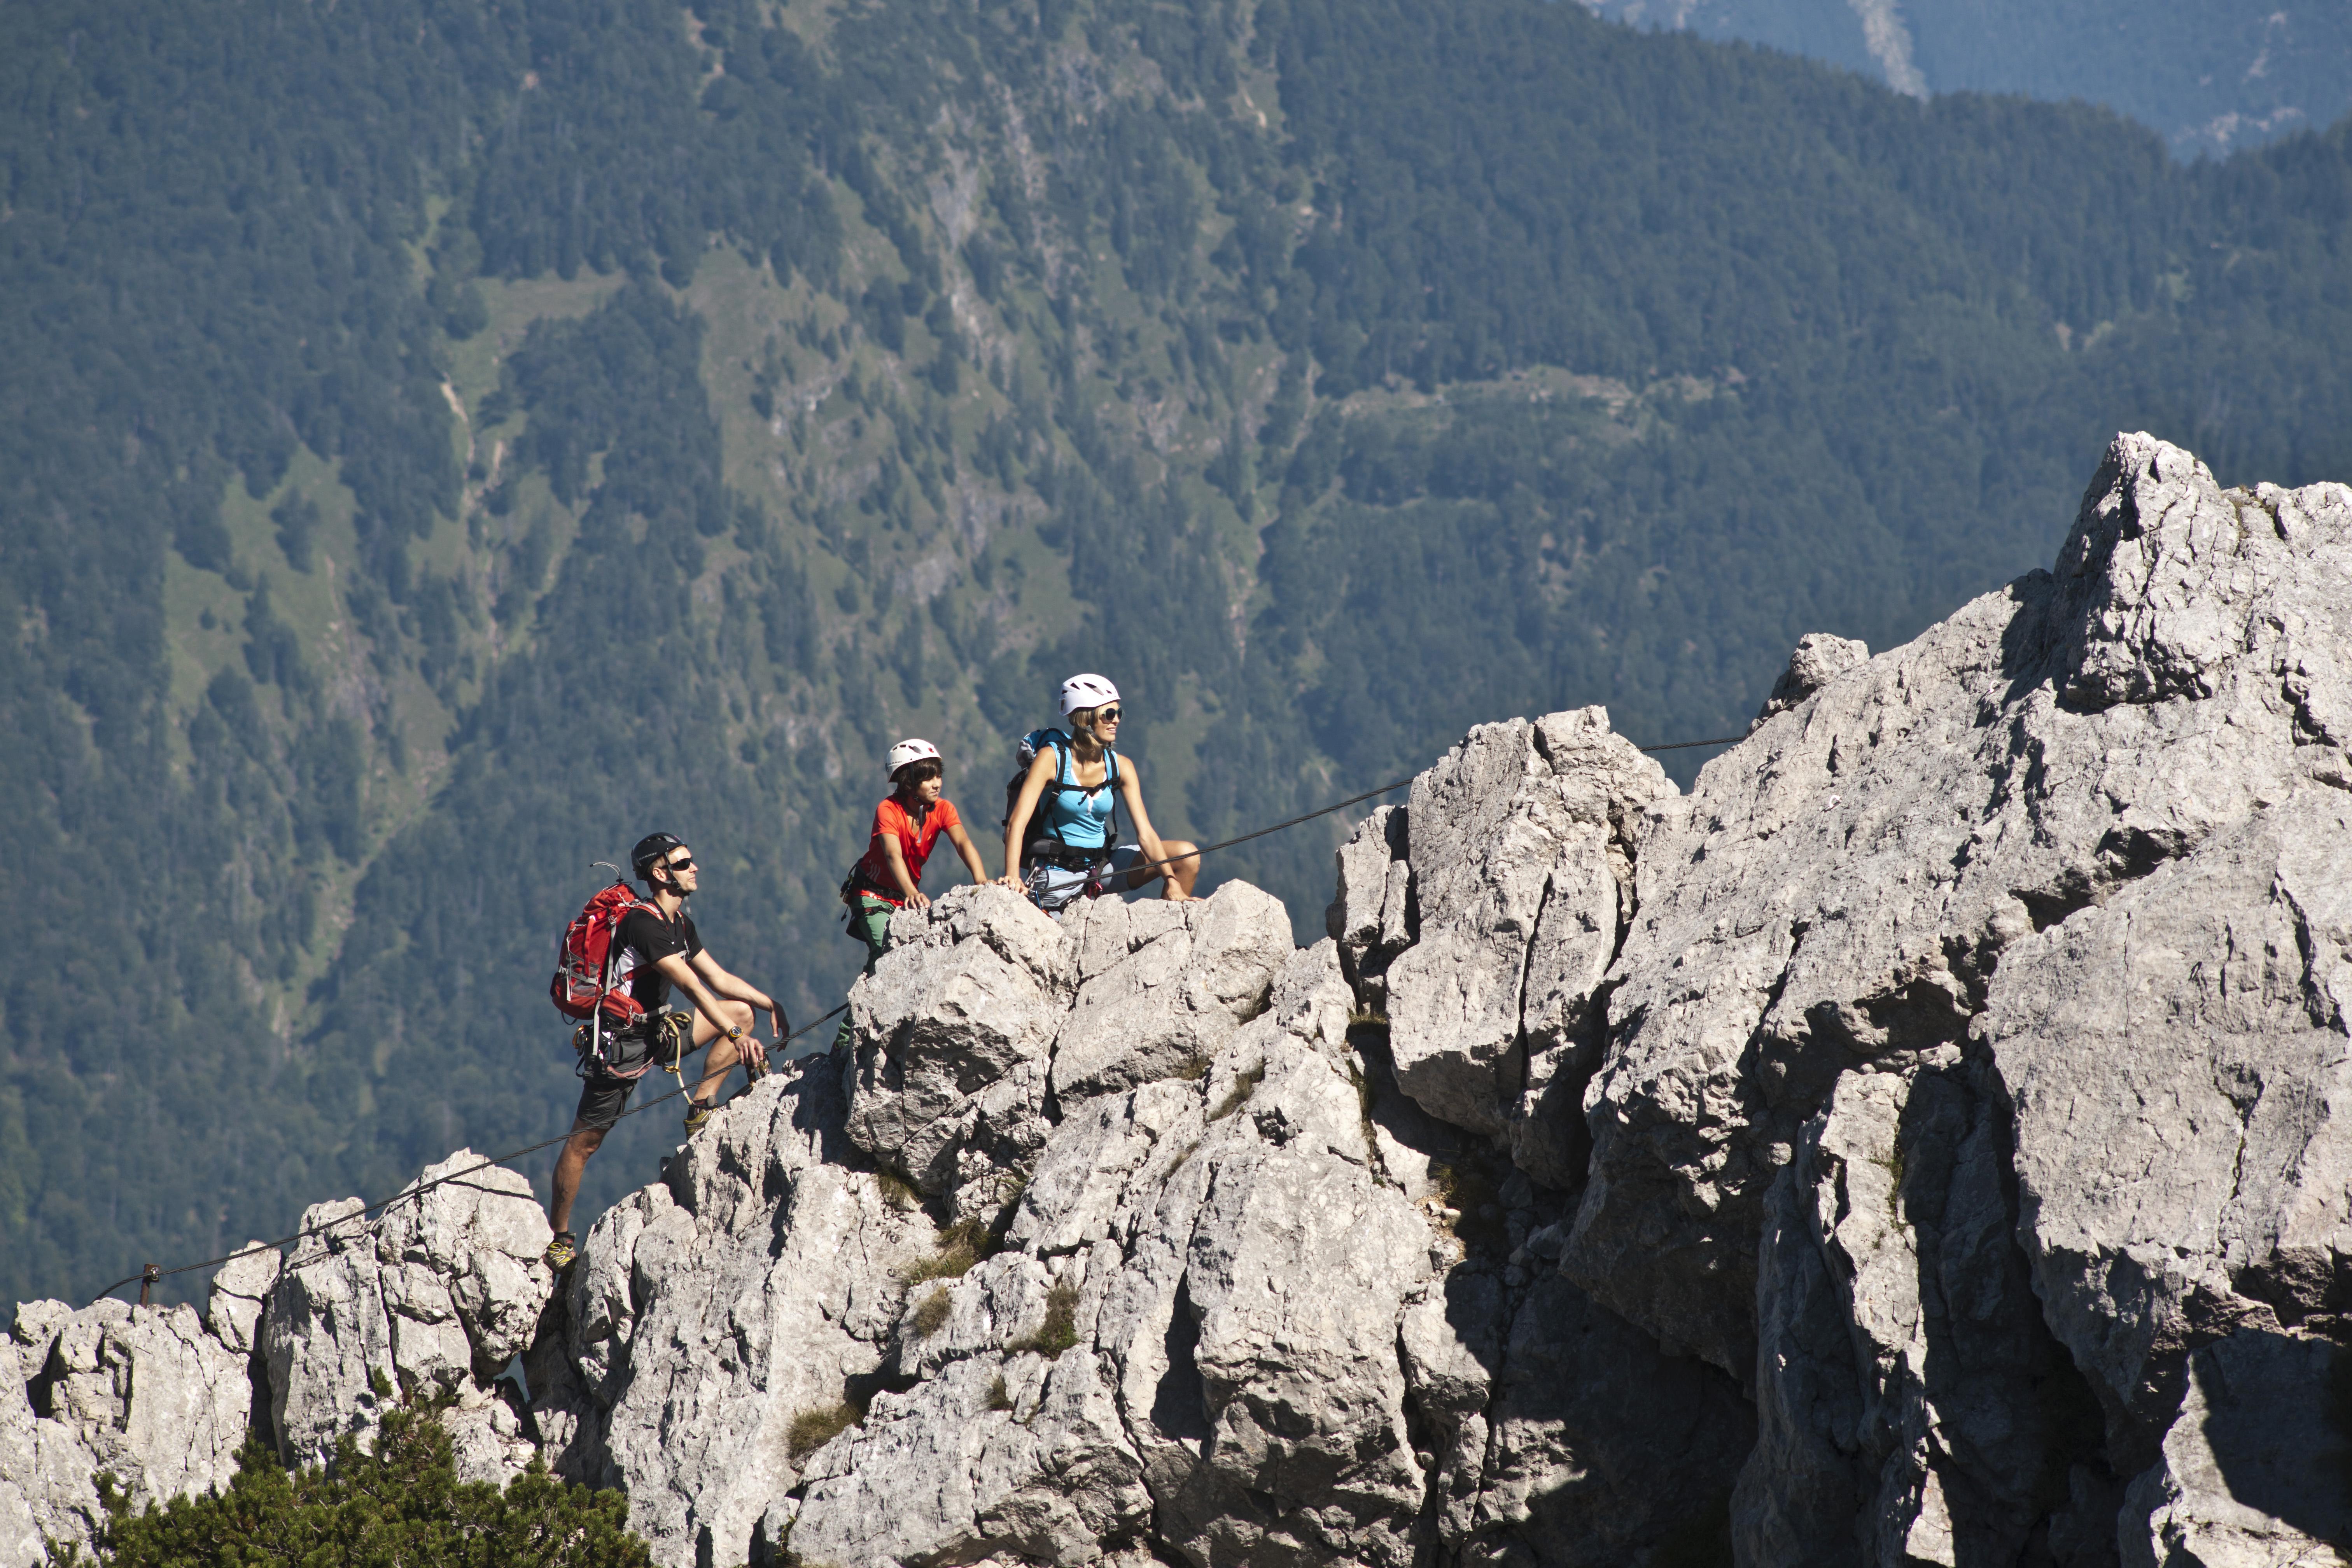 Klettersteig Wolfgangsee : Postalmklamm klettersteig olli outdoor travelling